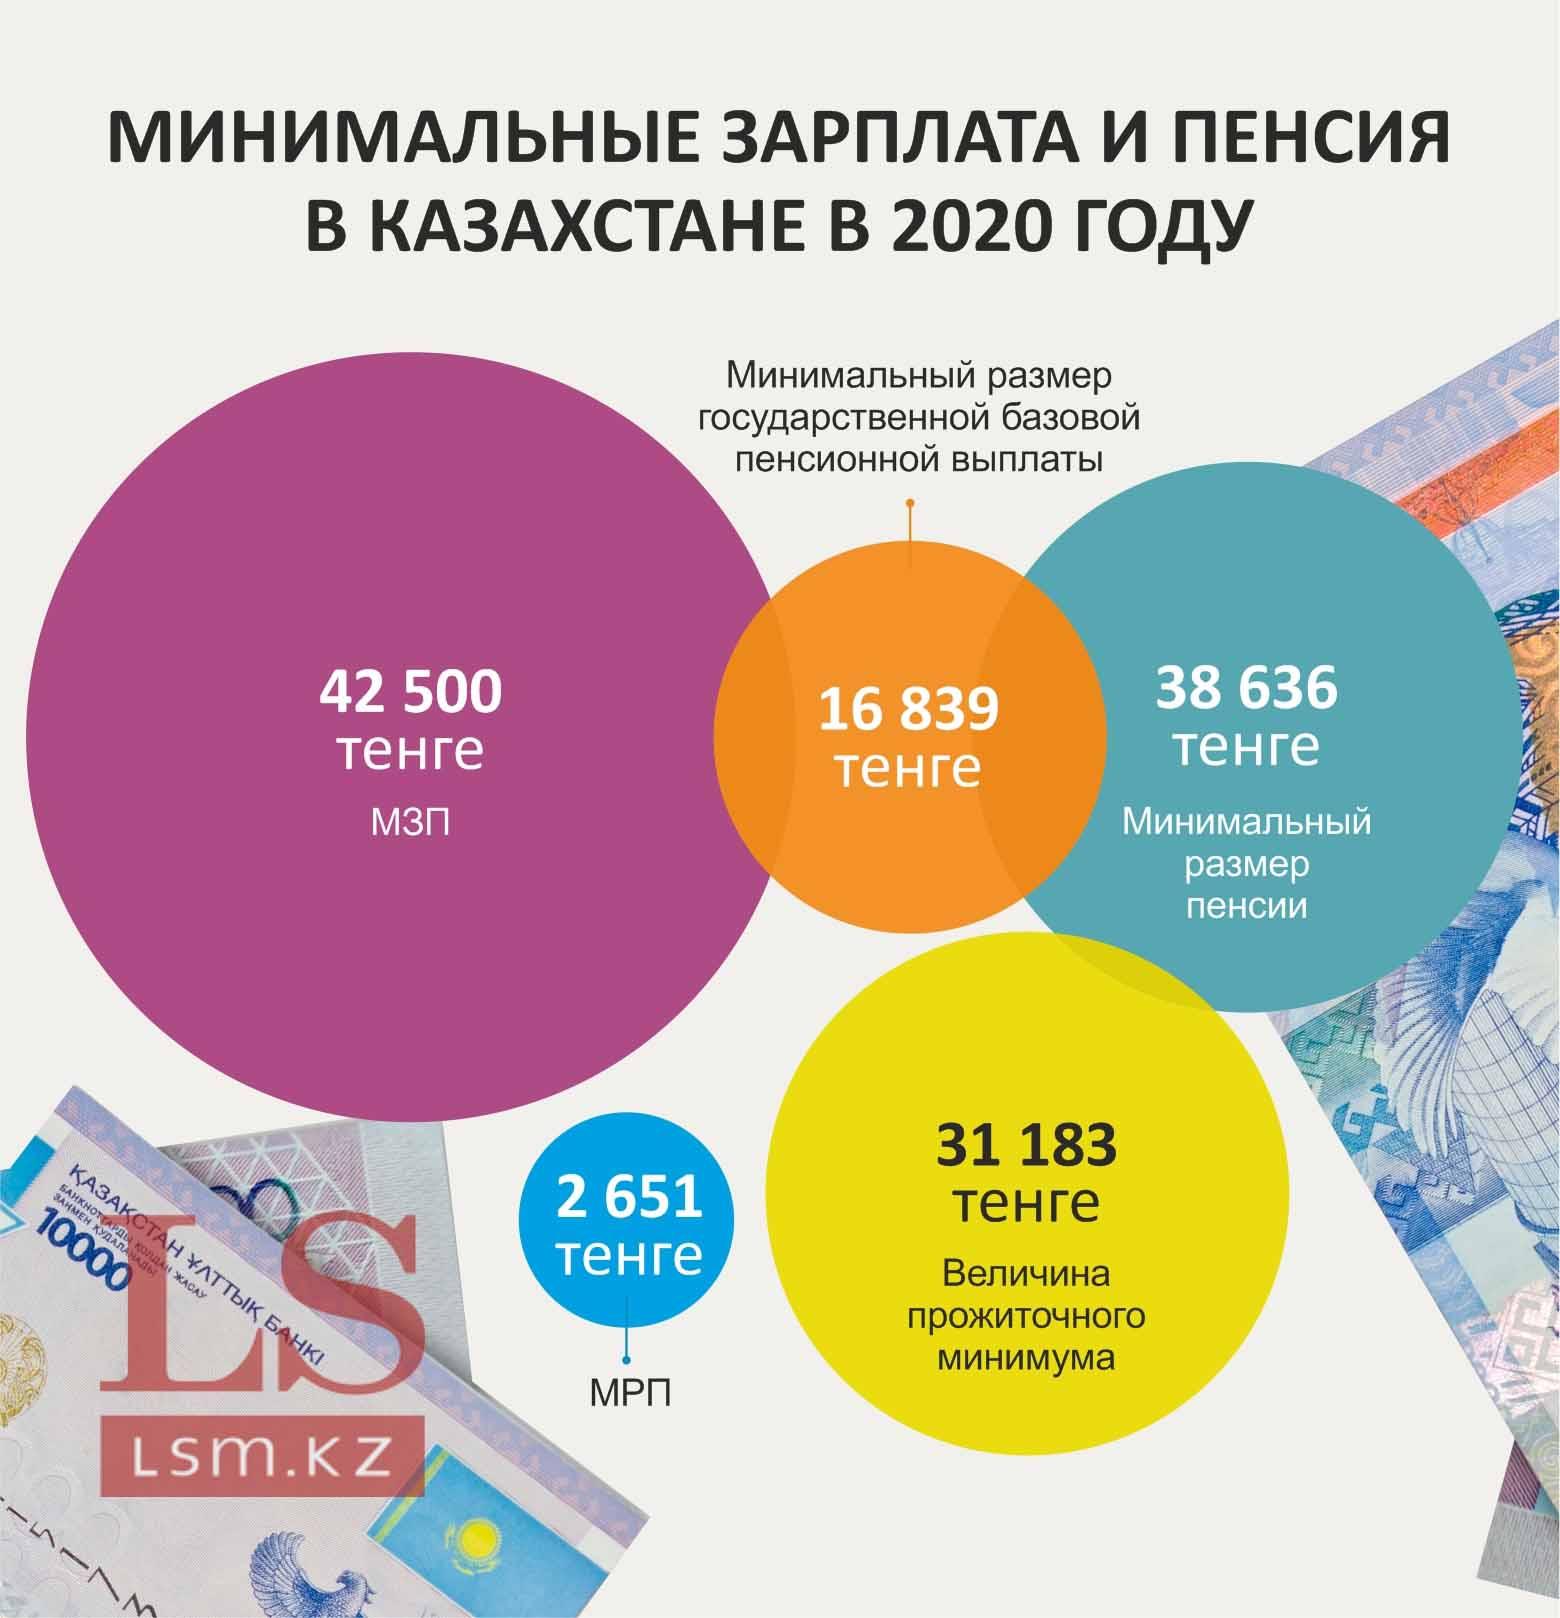 Источник: Республиканский бюджет Казахстана на 2020-2022 годы